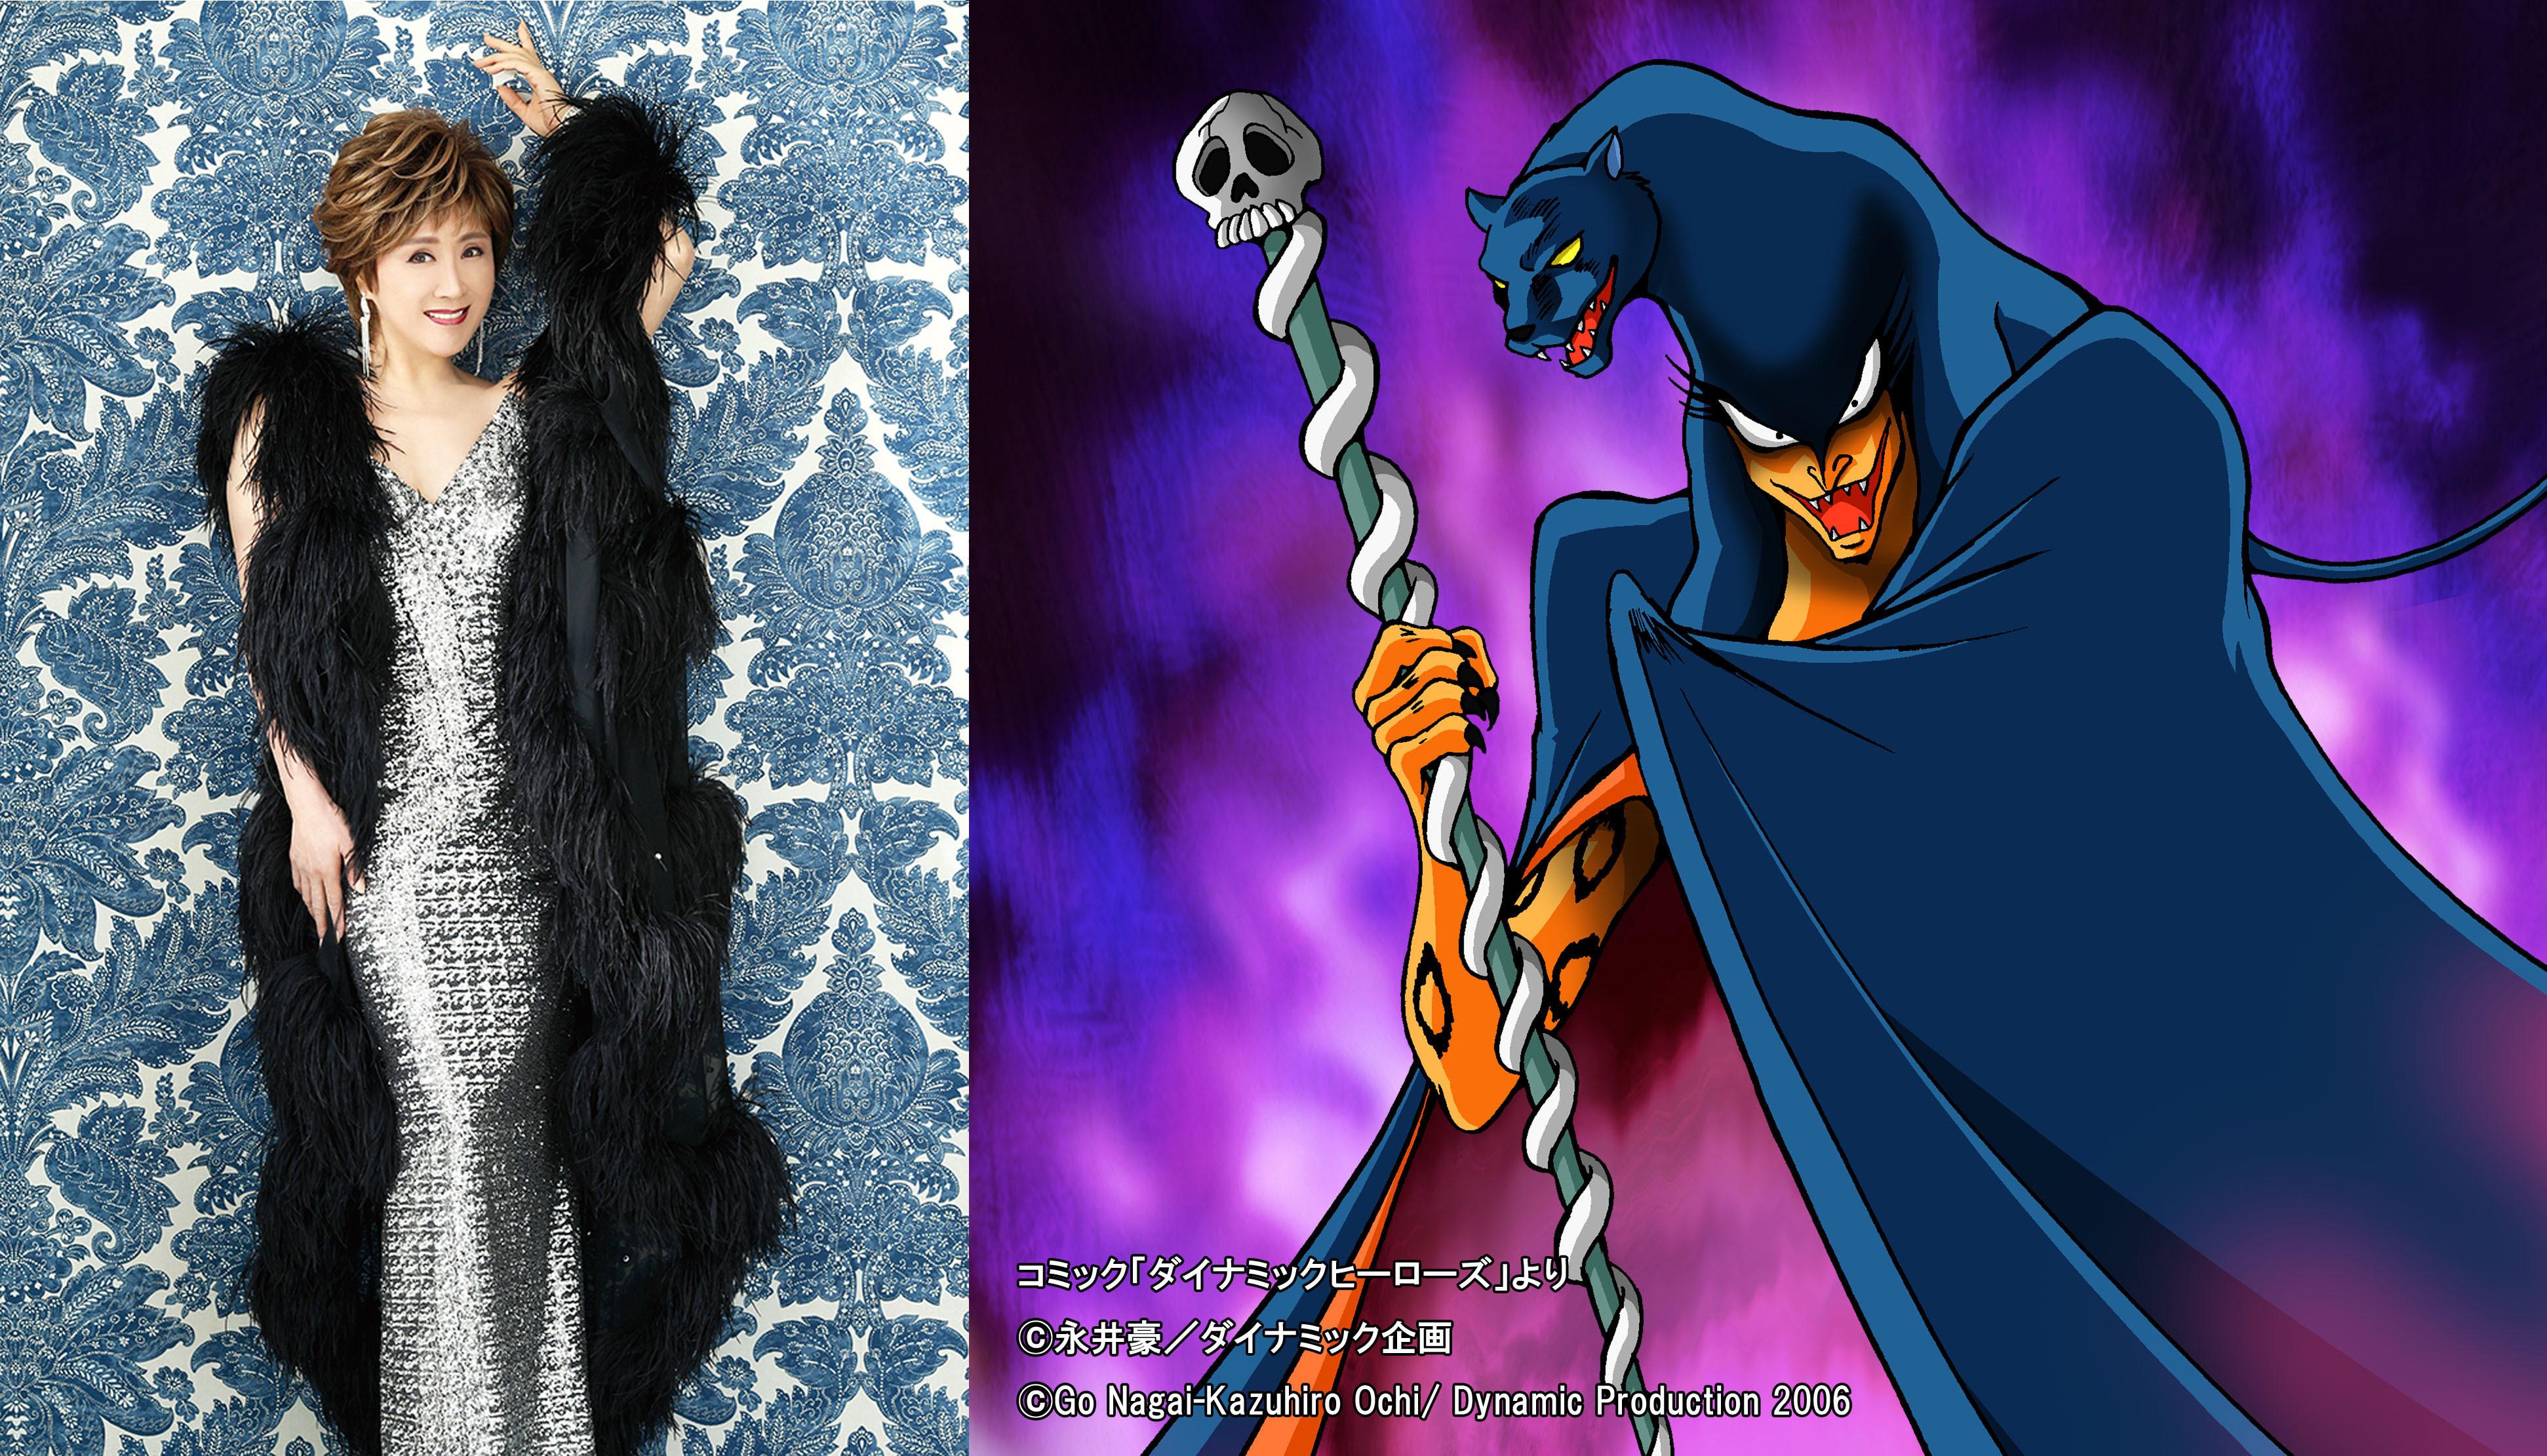 (左)小林幸子 (右)小林幸子が声優を務めるパンサーゾラ (c)Go Nagai/Dynamic Planning-Project CHU